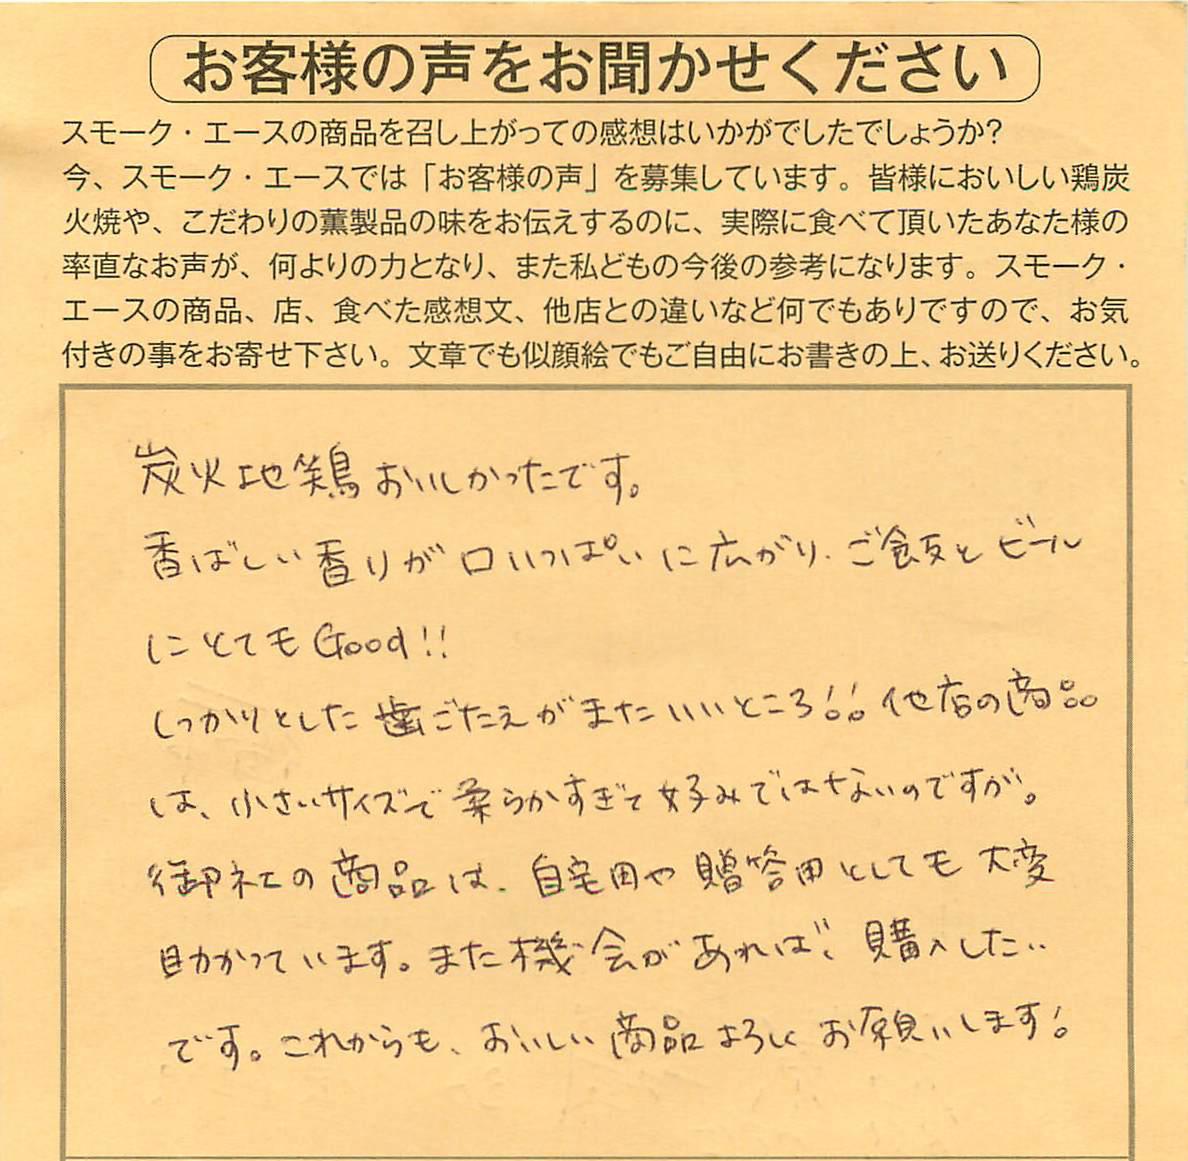 鶏炭火焼|ご飯とビールにとてもGOOD!!【No.90】